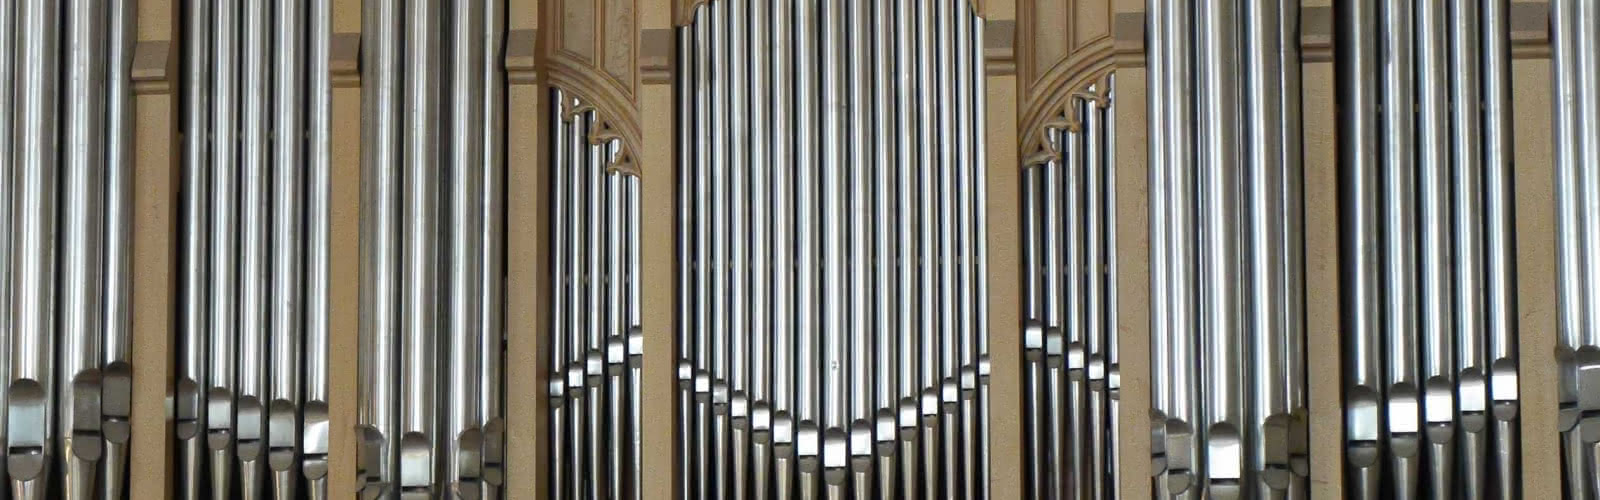 Concert-rencontre : autour de l'orgue Cavaillé-Coll